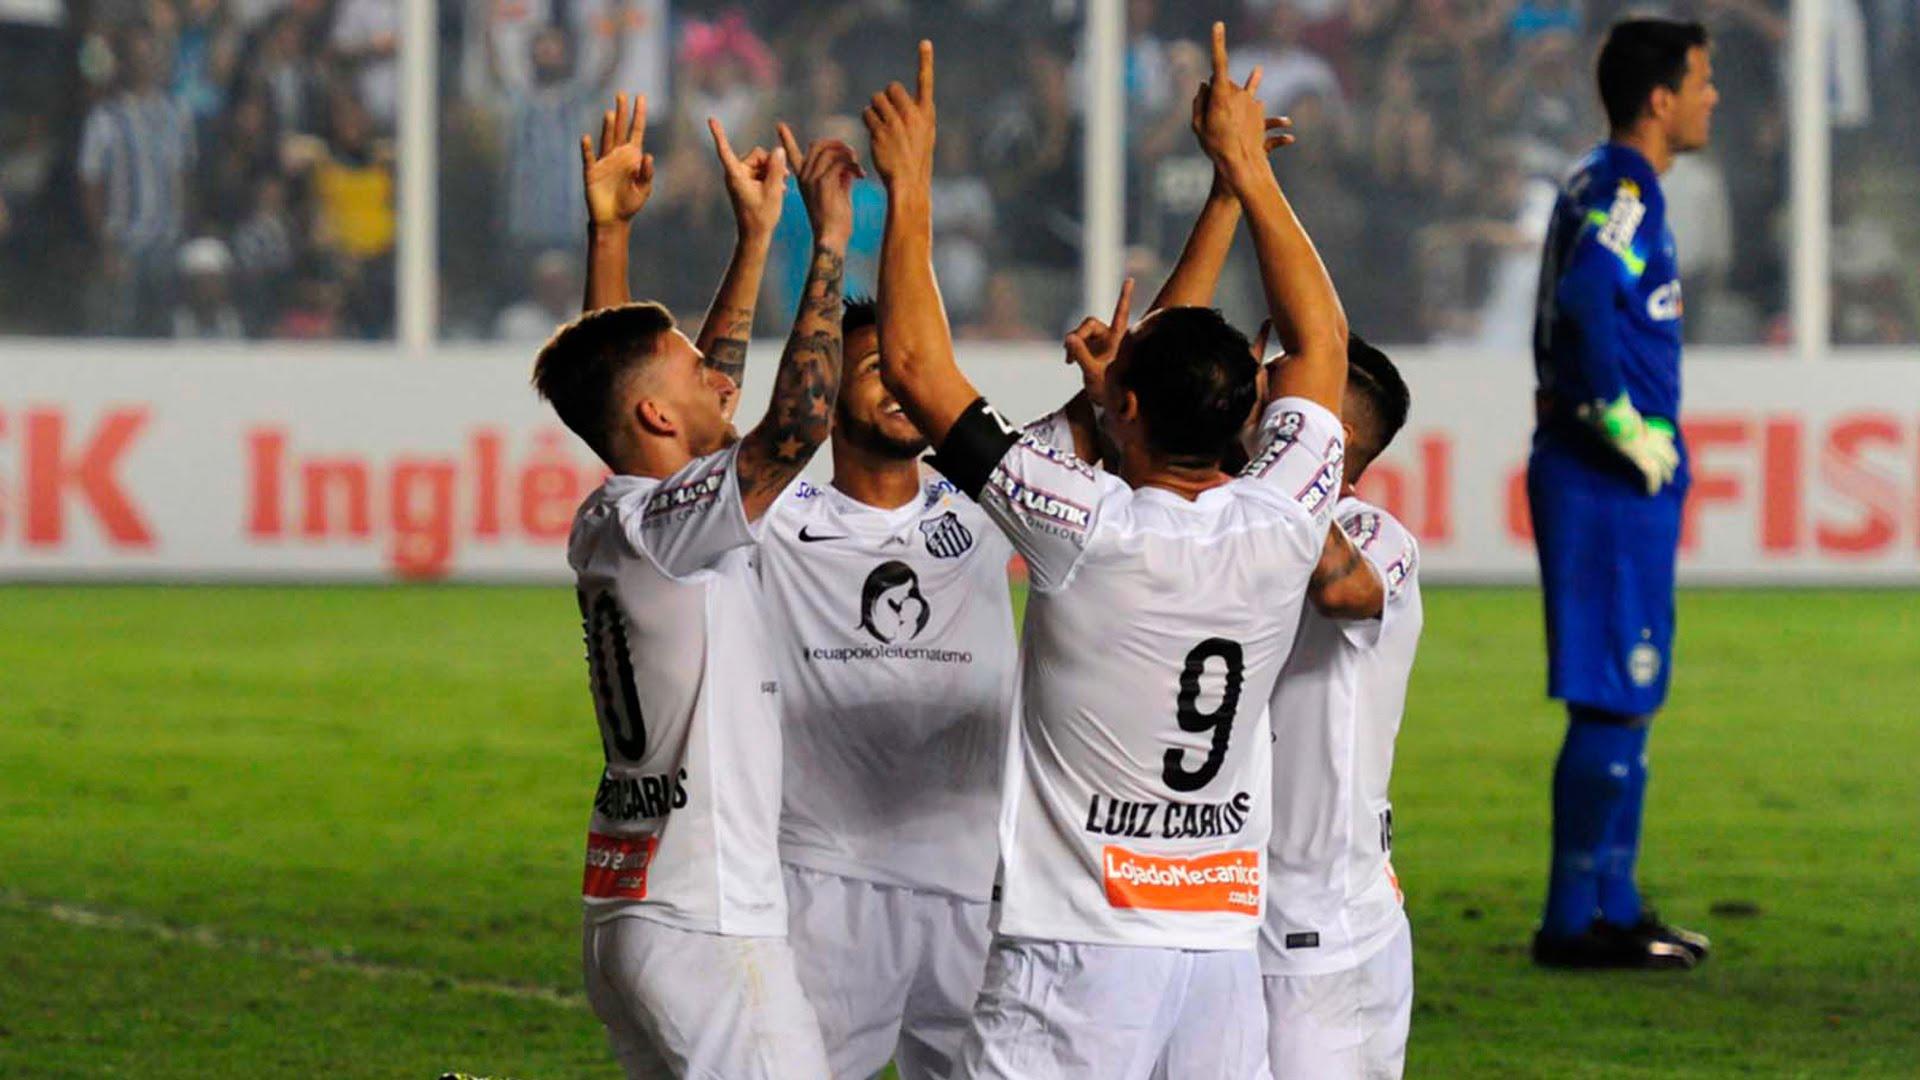 Video: Santos – Coritiba (3-0), Serie A